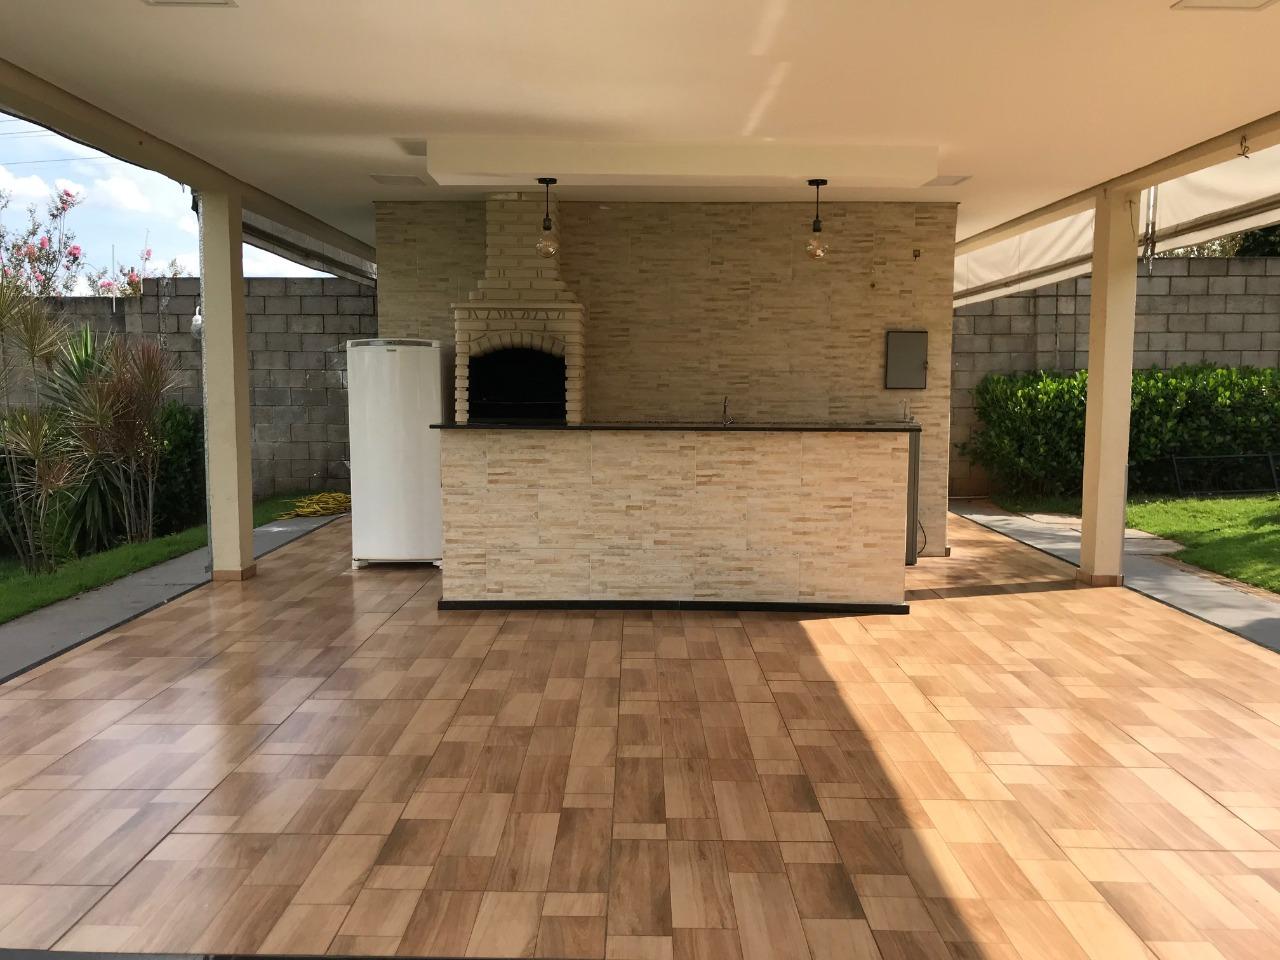 Comprar Apartamento / Padrão em Bauru apenas R$ 155.000,00 - Foto 23